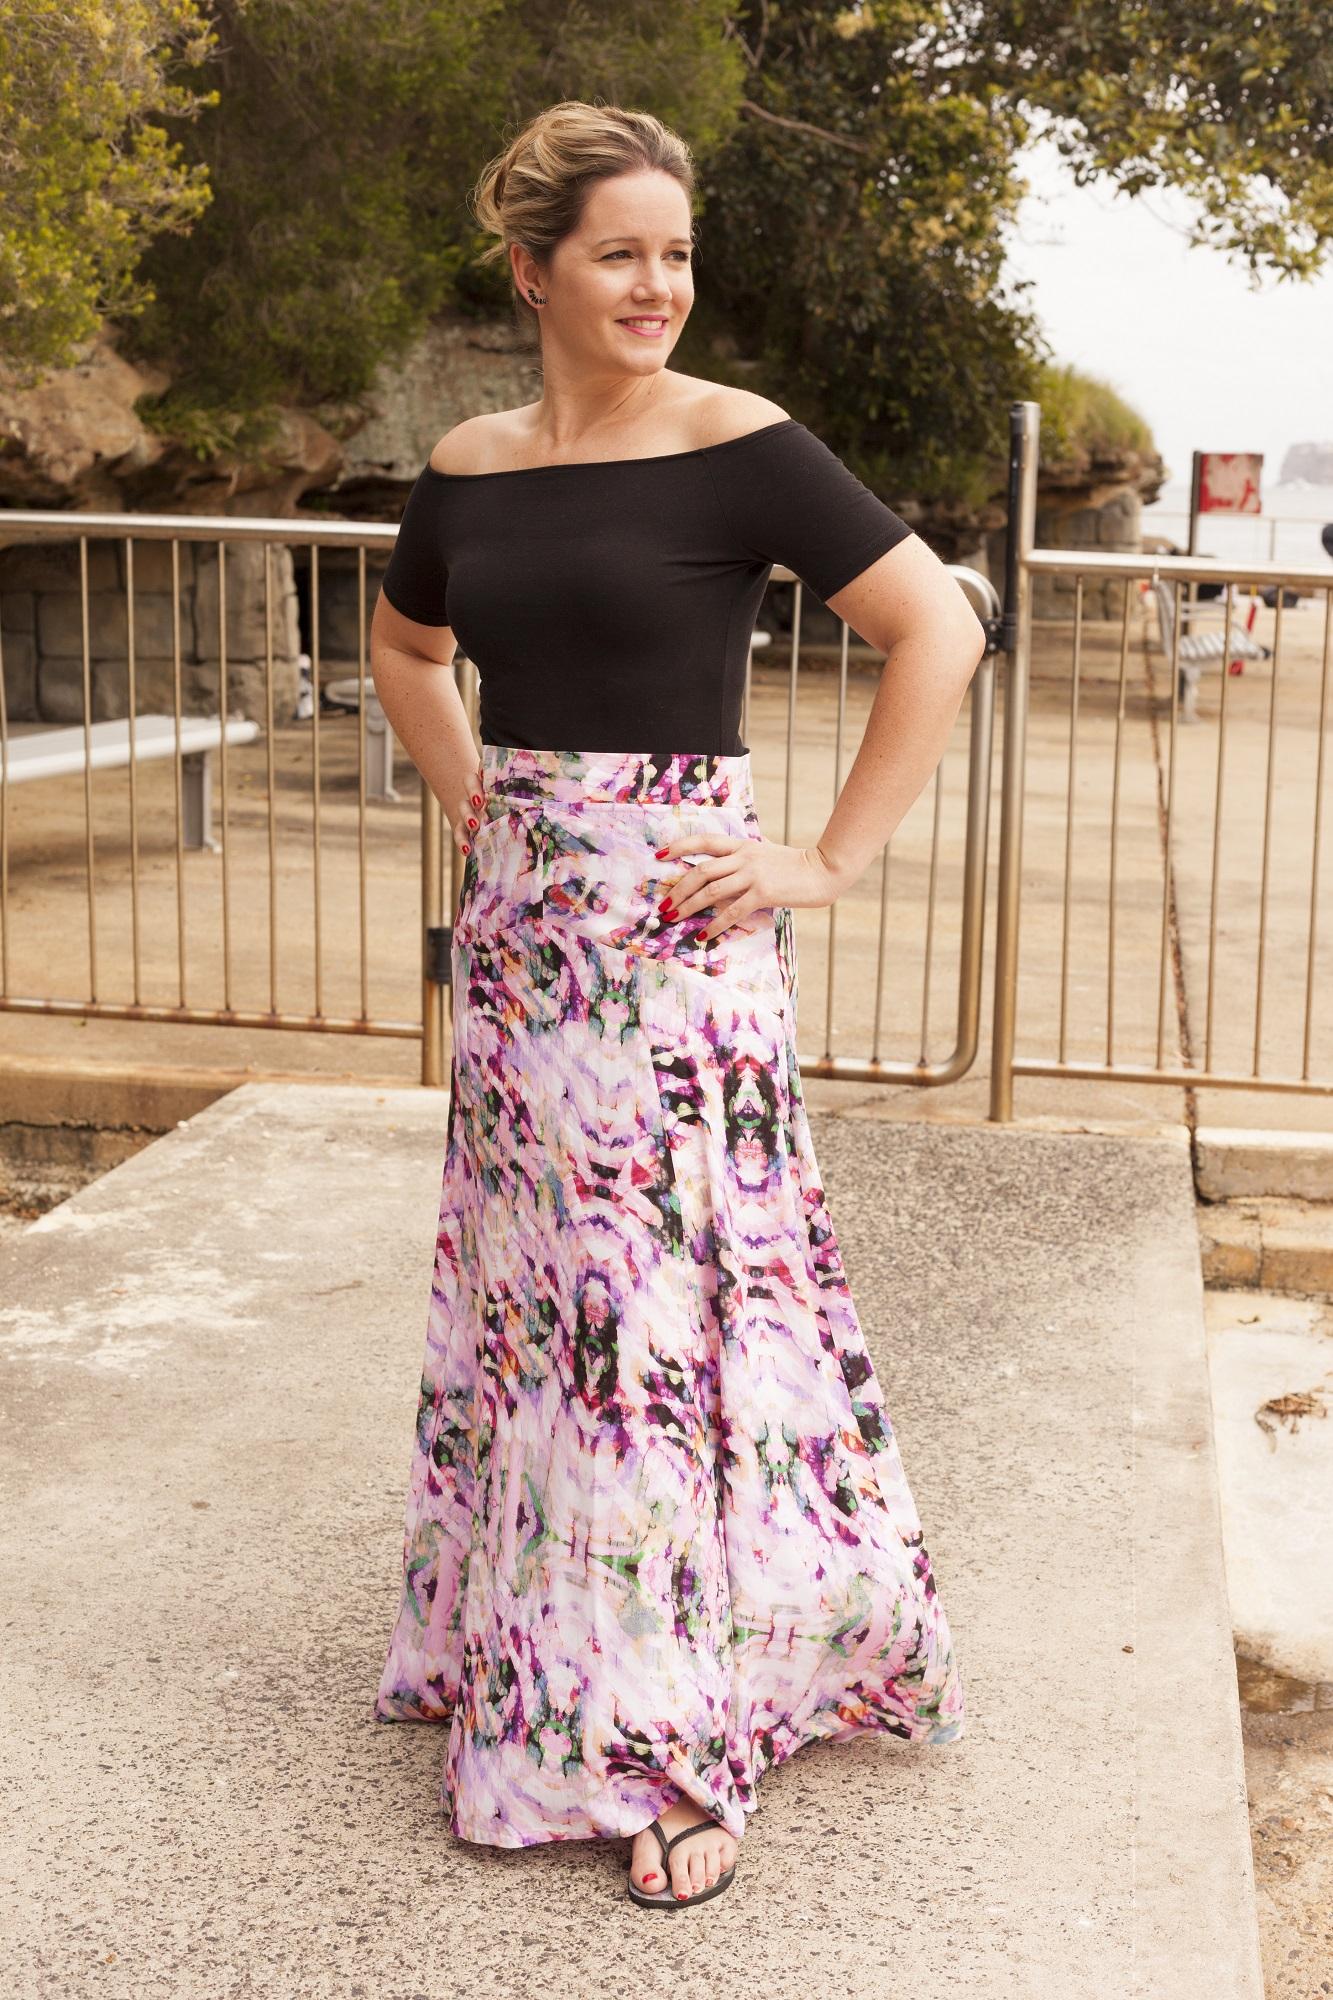 Skirt Awards Archives - Skirt Fixation